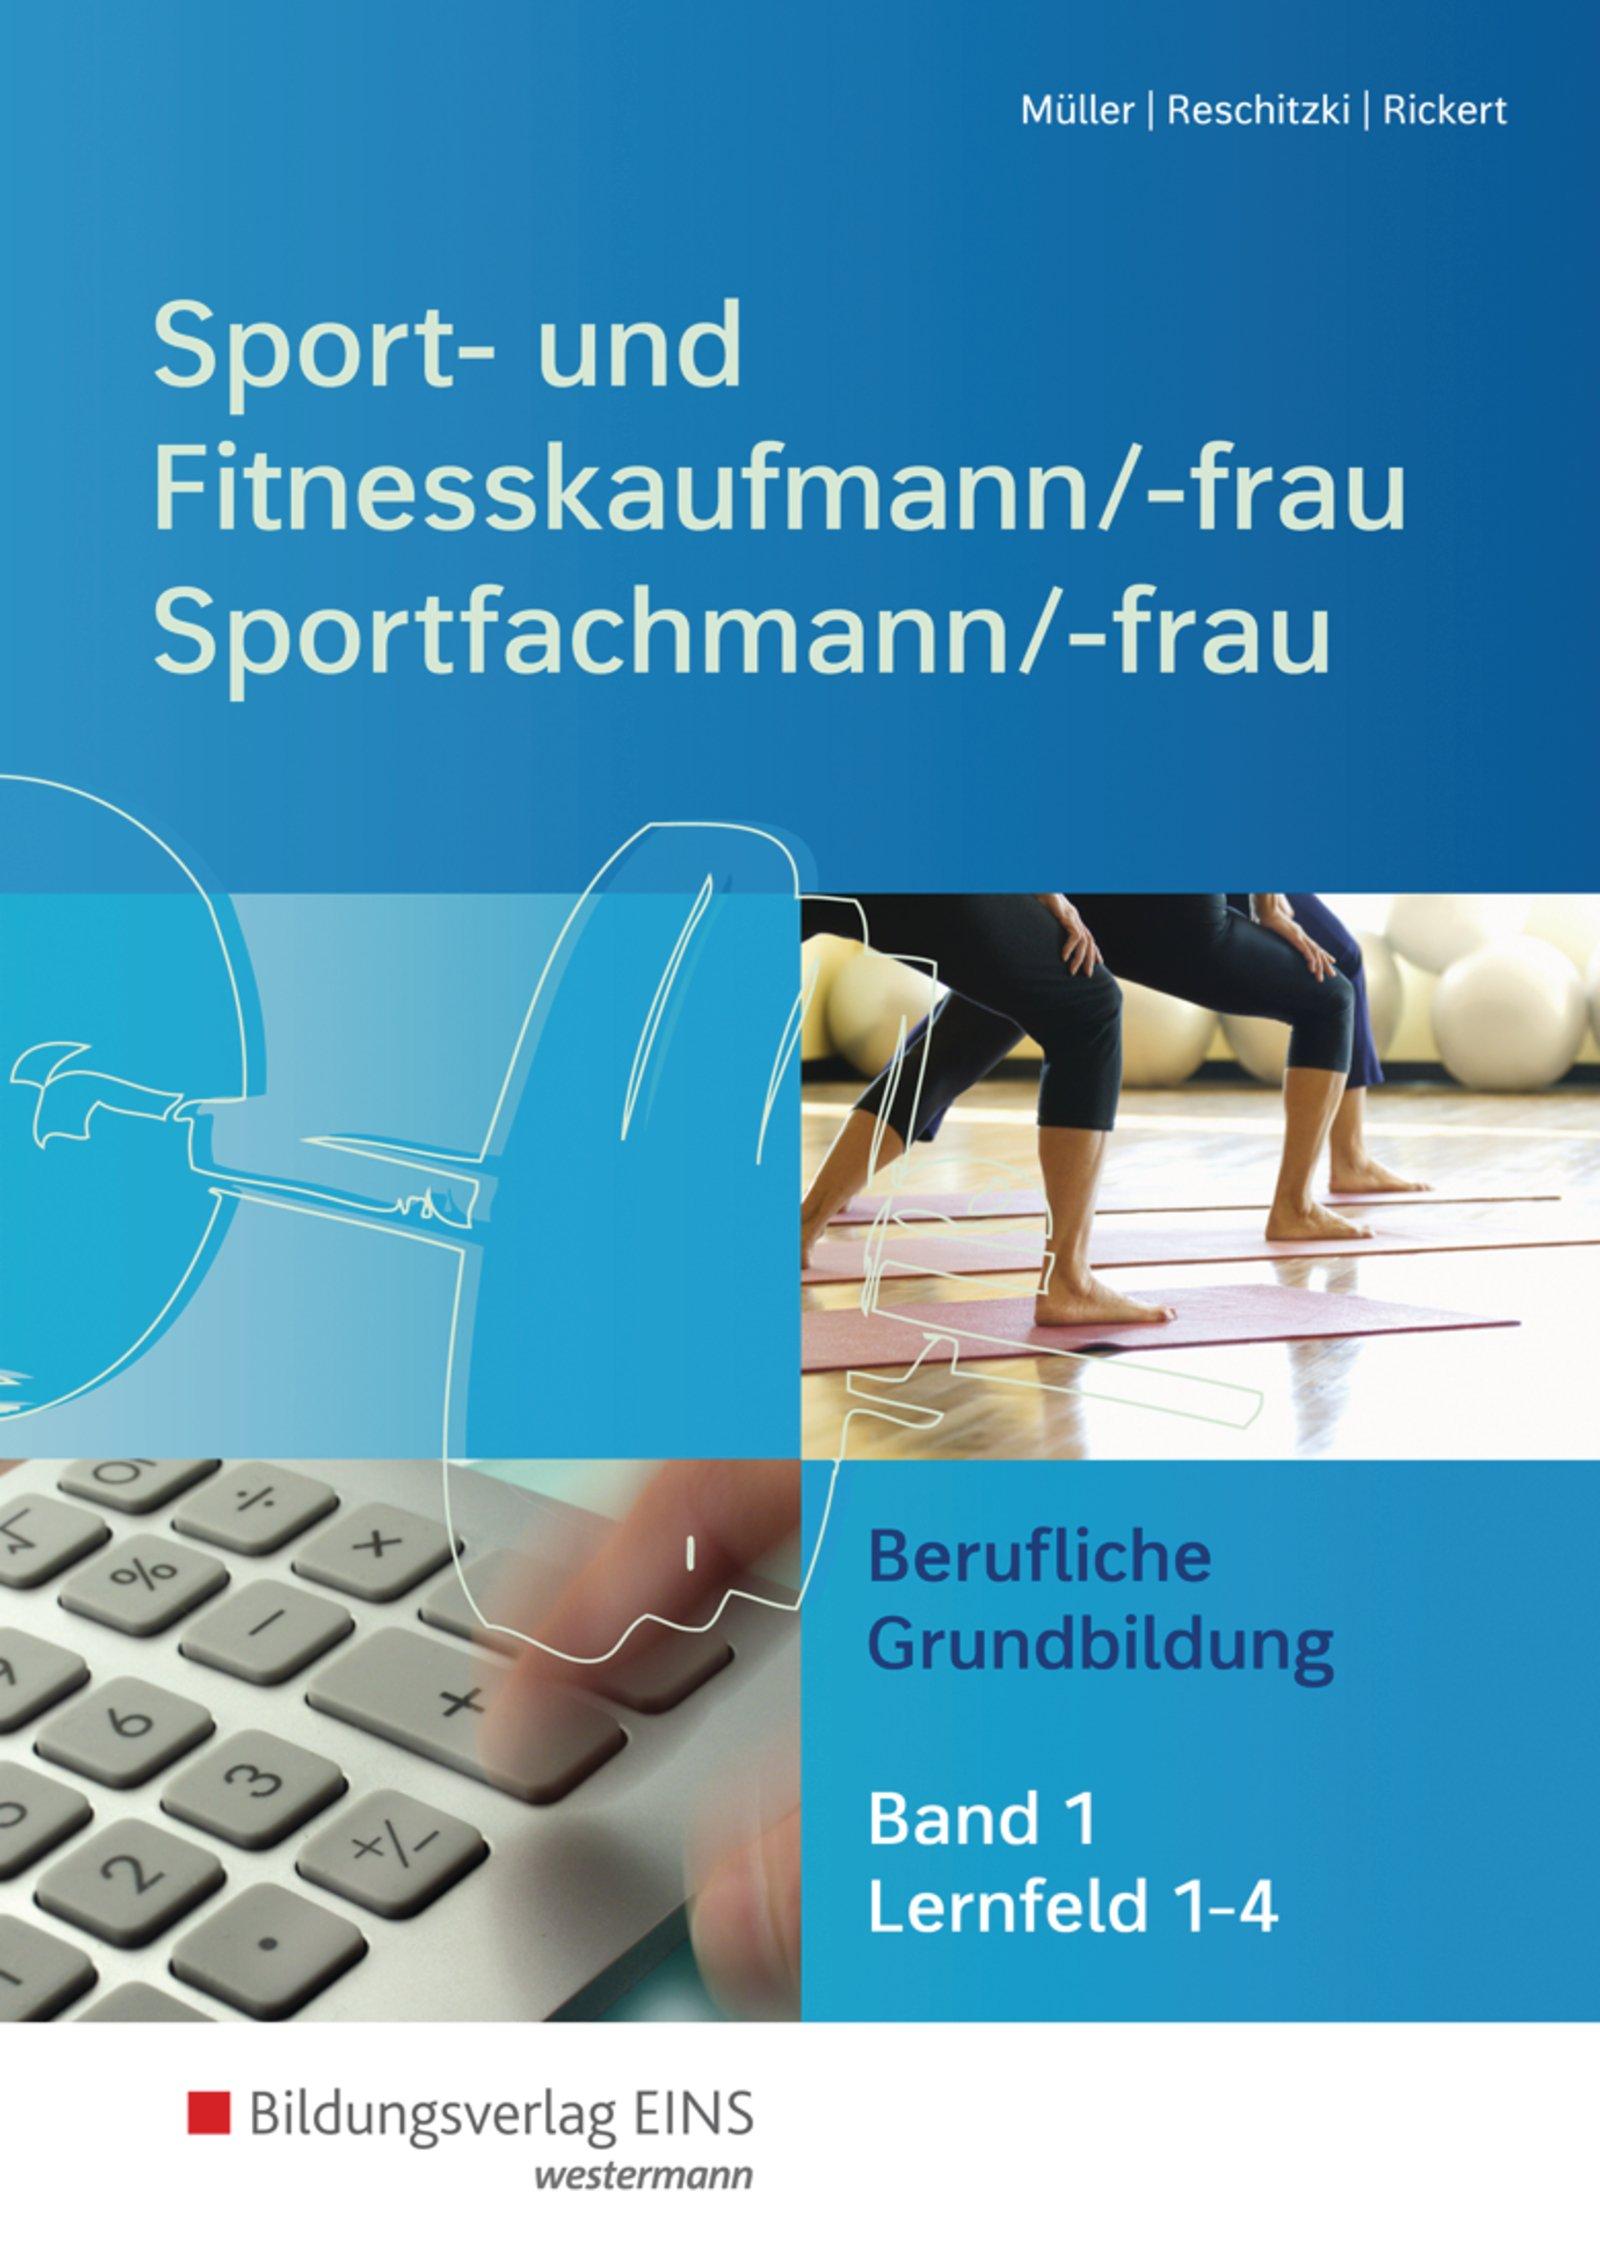 sport-und-fitnesskaufmann-sportfachfrau-sportfachmann-berufliche-grundbildung-lernfelder-1-4-schlerband